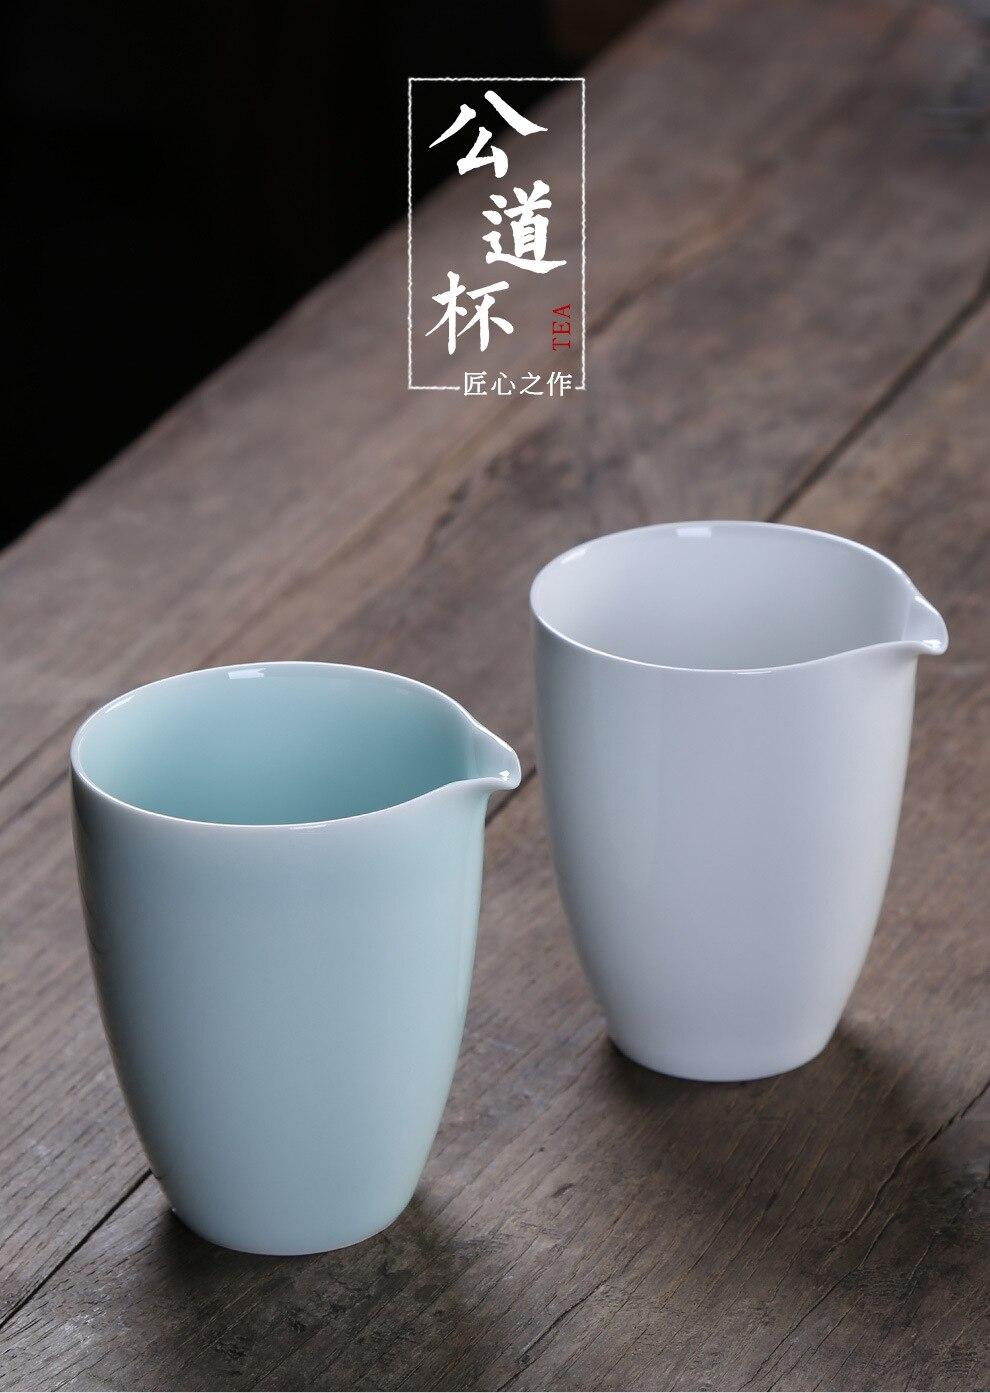 Бамбуковые твердые деревянные чашки чая термостойкие щипцы для чая напрямую от производителя продажи проволоки рану бамбуковый Пинцет чай церемонии аксессуары